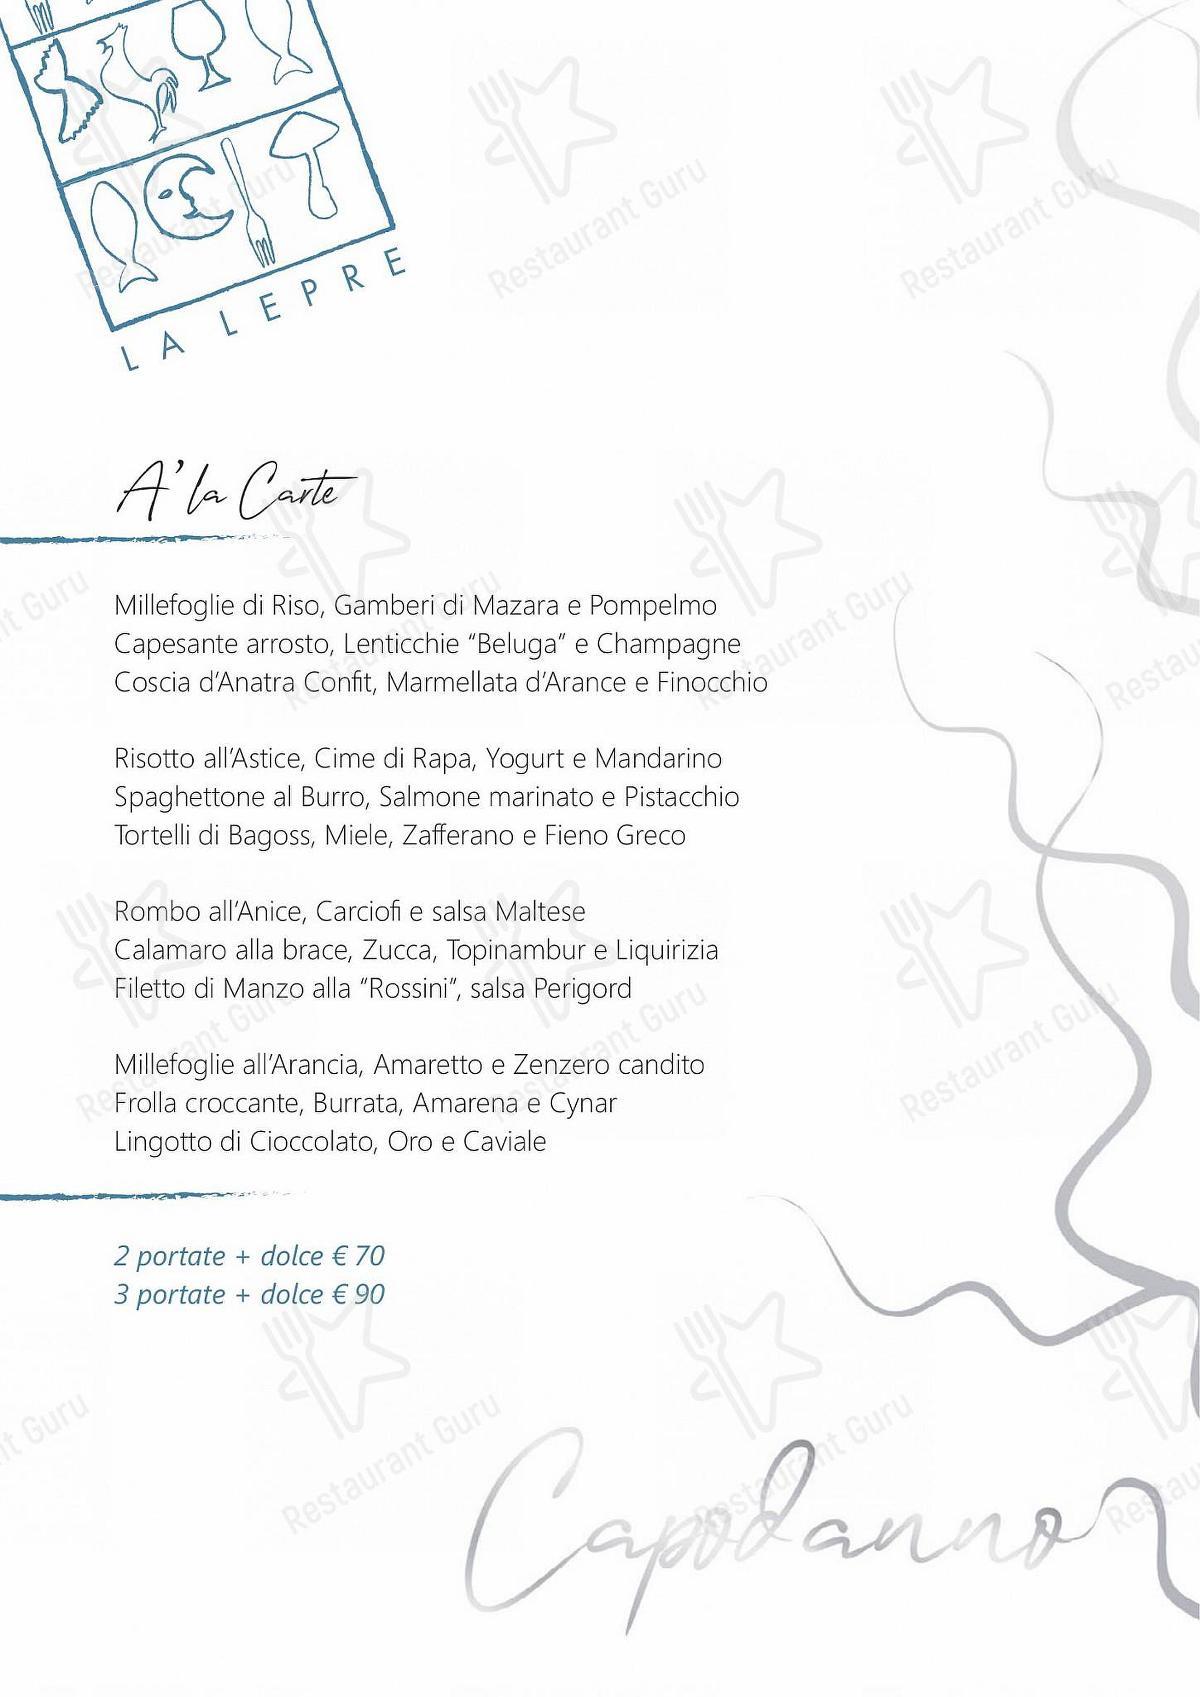 Menu di La Lepre Ristorante - pasti e bevande